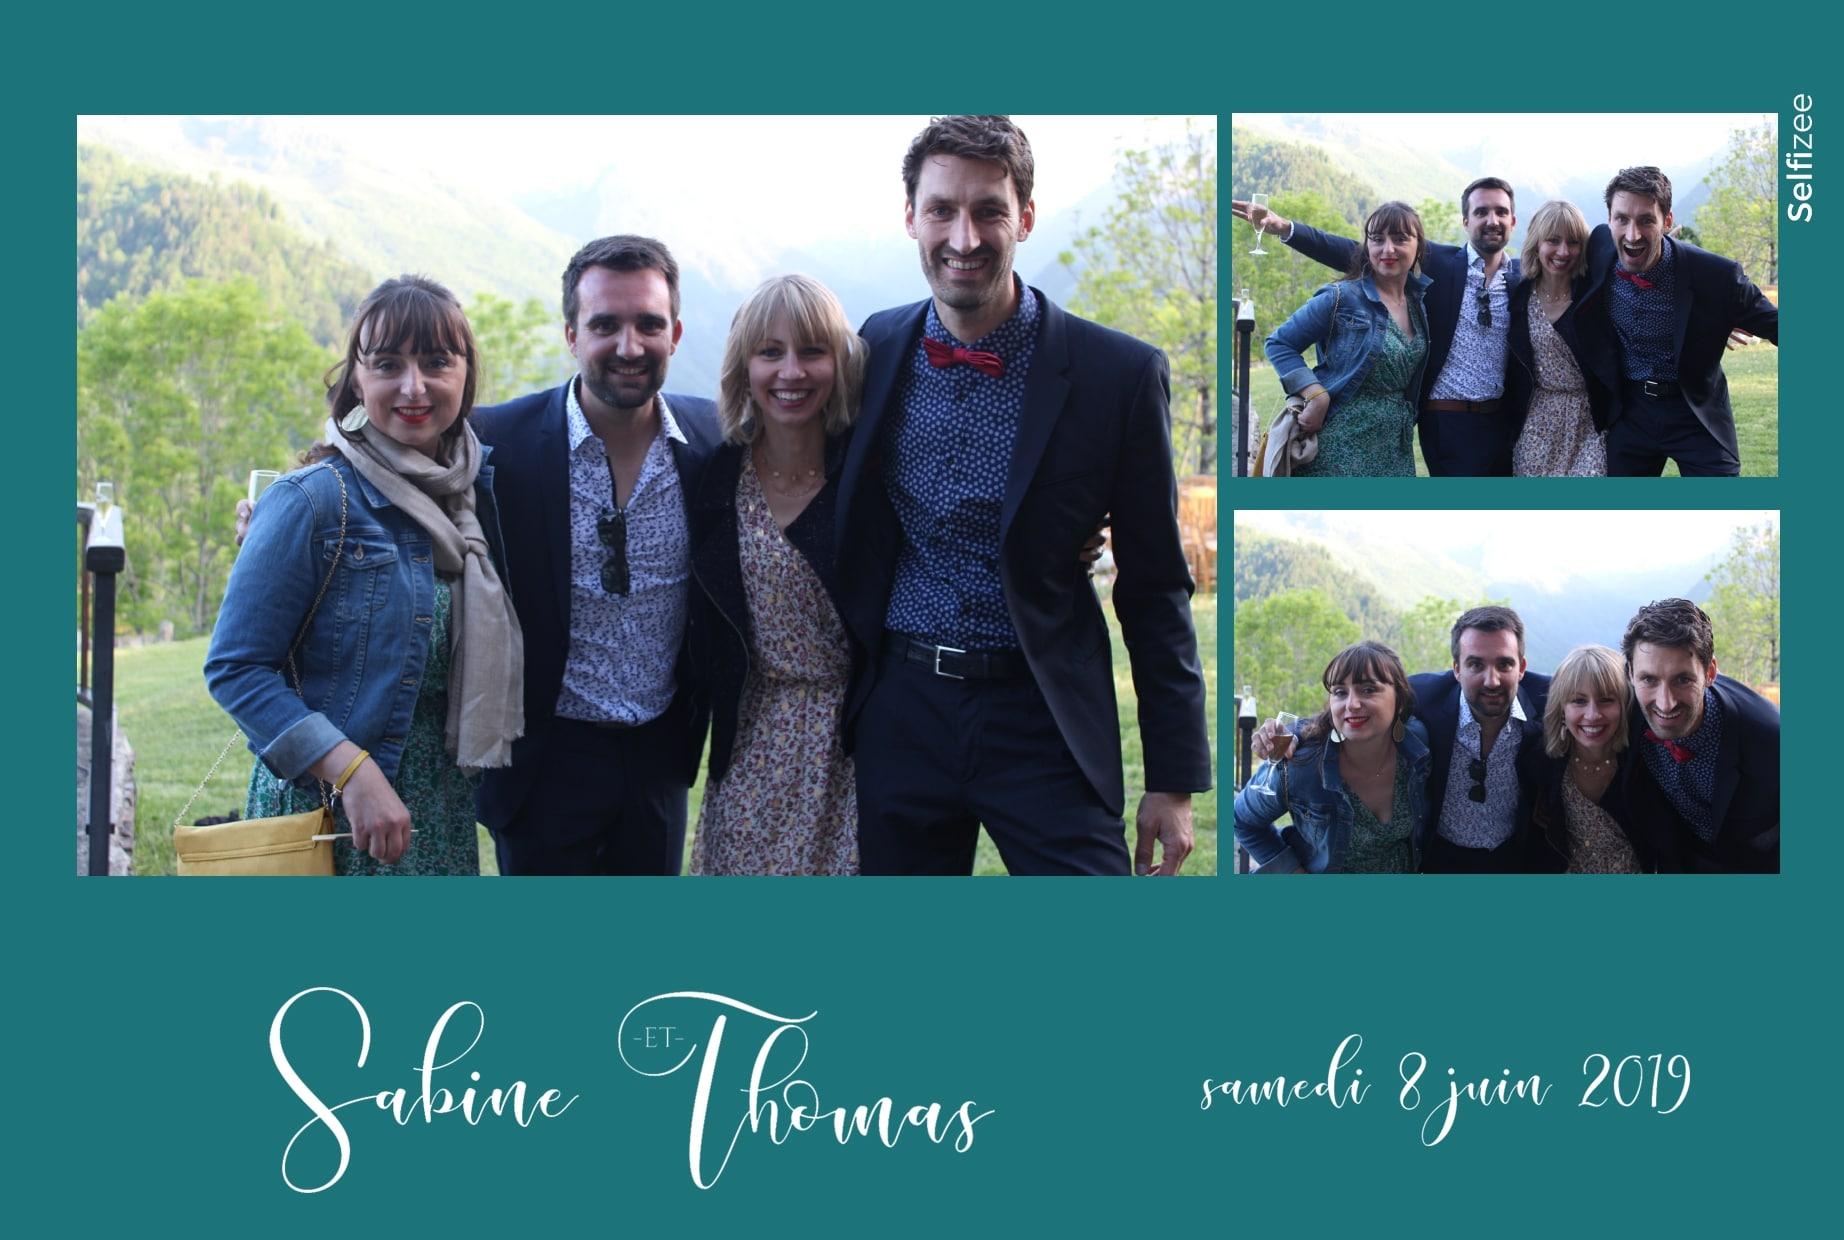 Animation selfie mariage avec borne photo à louer à Perpignan et en Pyrénées Orientales pour impressions photos mariage